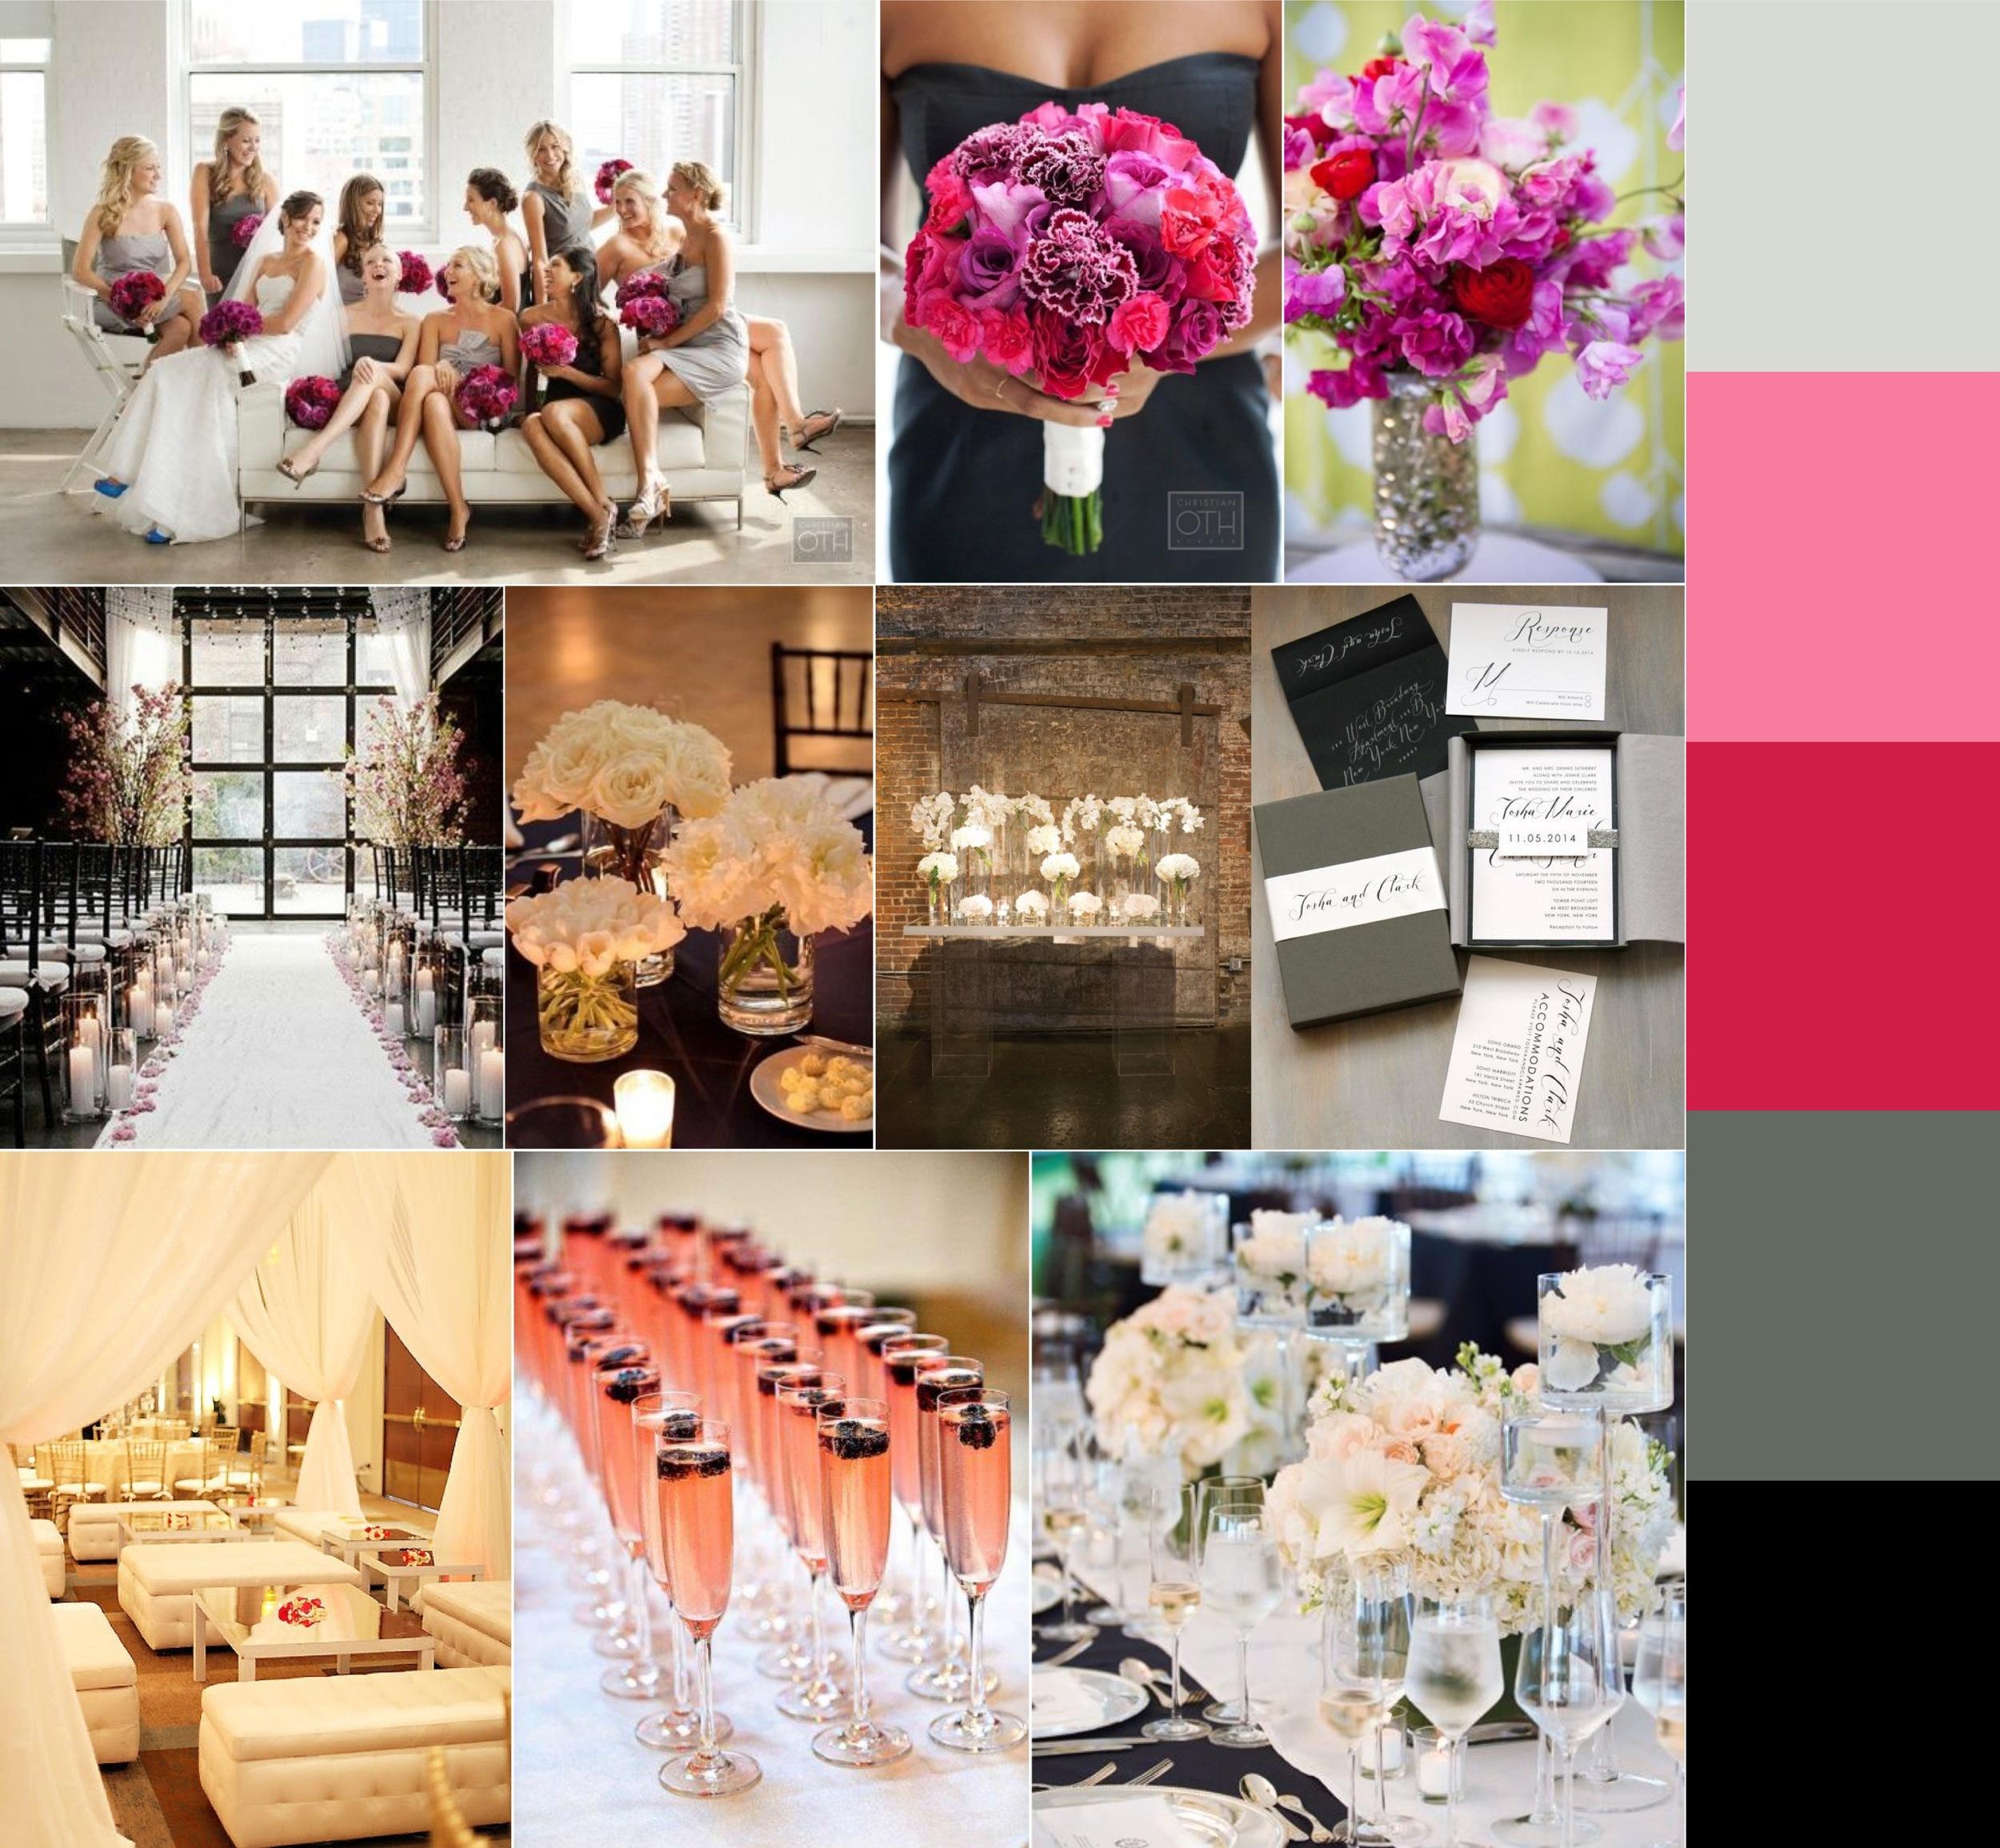 Foundation For the Carolinas Wedding, Wedding, Pink and Grey wedding, Fuchsia Wedding, Uptown Charlotte Wedding, Charlotte Wedding, Wedding Inspiration